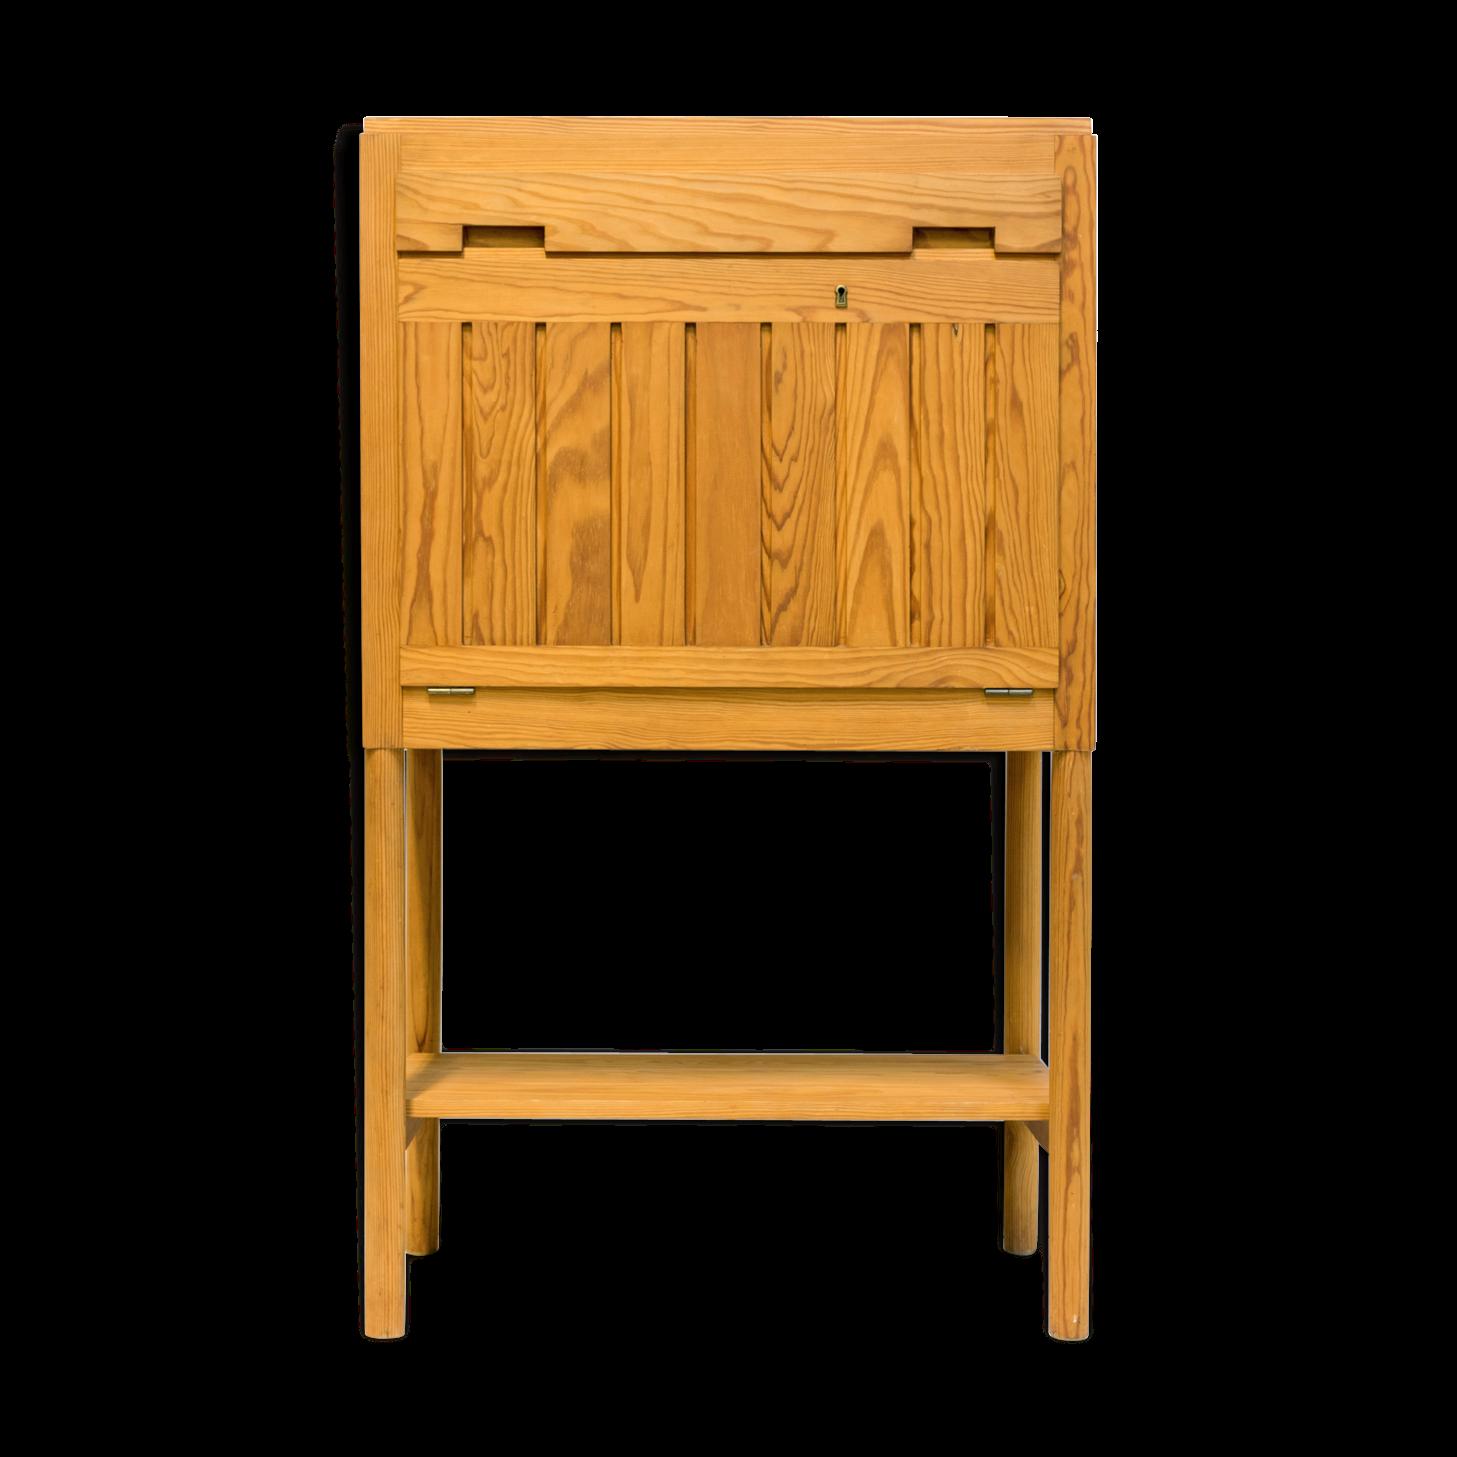 meuble de bar occasion tabouret de bar occasion le bon coin avec meuble elegant tl with et. Black Bedroom Furniture Sets. Home Design Ideas